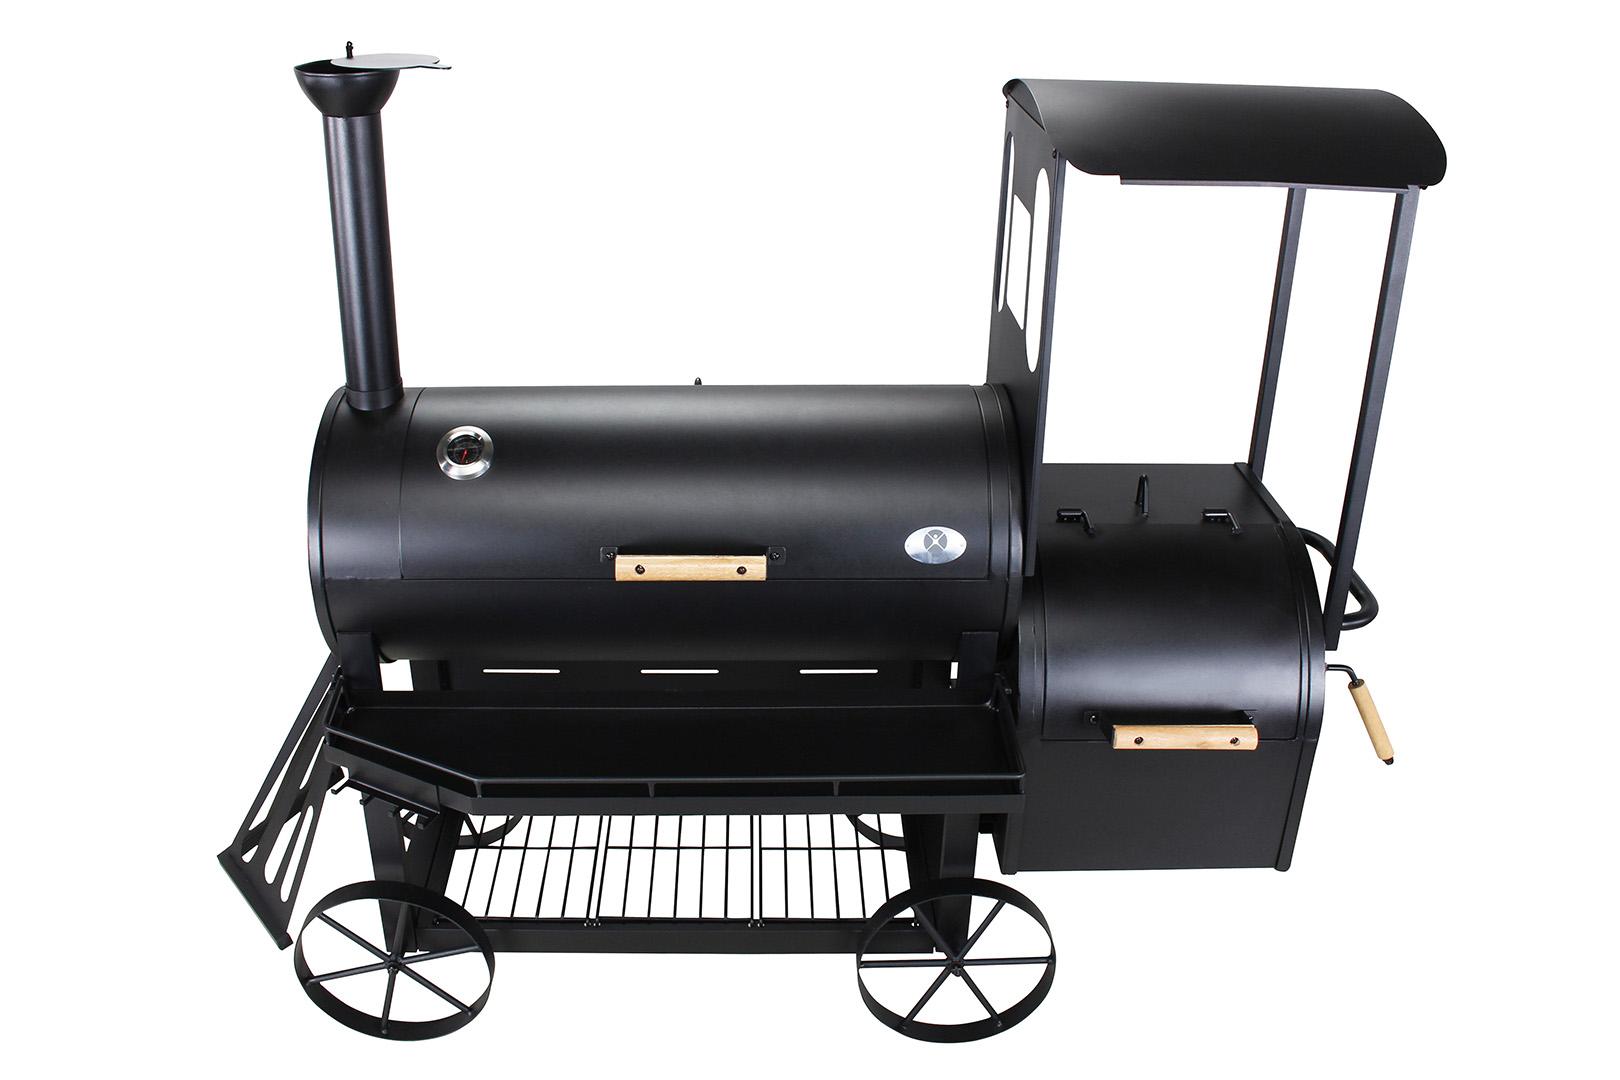 Gas Und Holzkohlegrill Mit Smoker : El fuego ay smoker holzkohlegrill ottawa s grill grillwagen